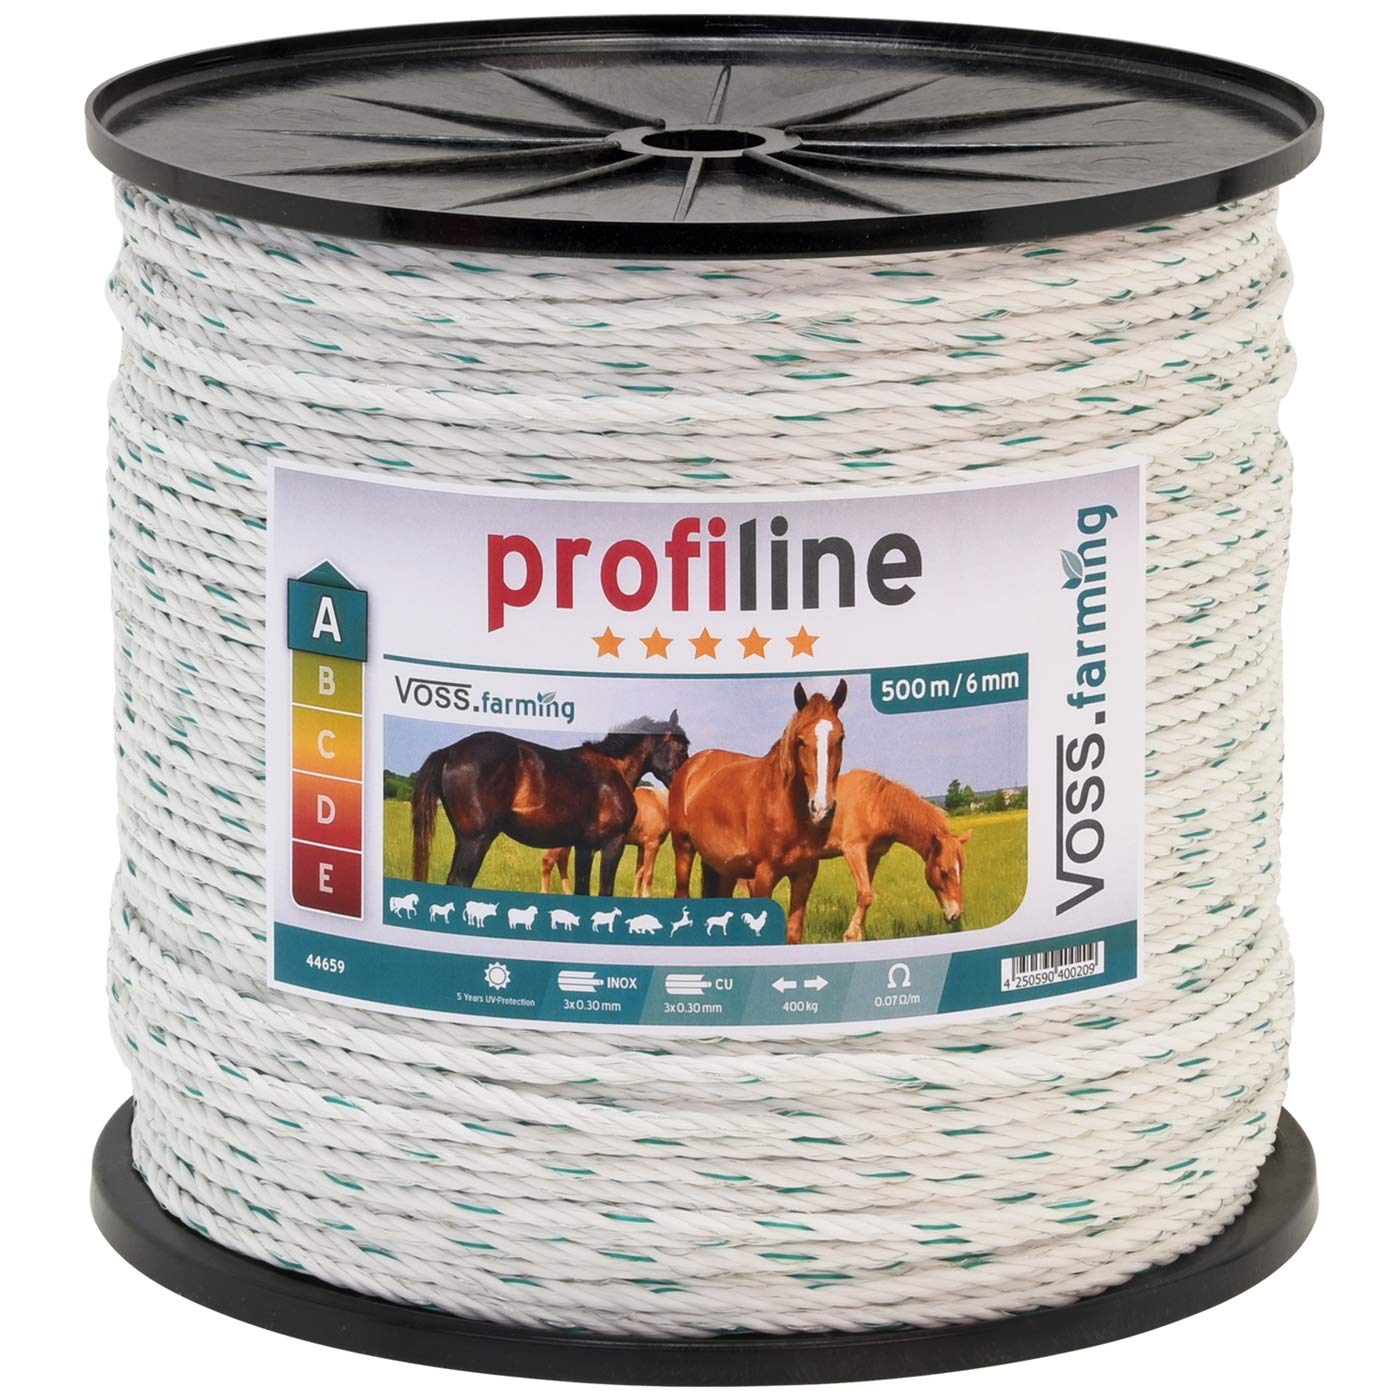 Profi Weidezaun Seil 500m 6mm, 3x0,30 Kupfer + 3x0,3 Niro, weiß-grün 4**** weiß-grün 4**** VOSS.farming